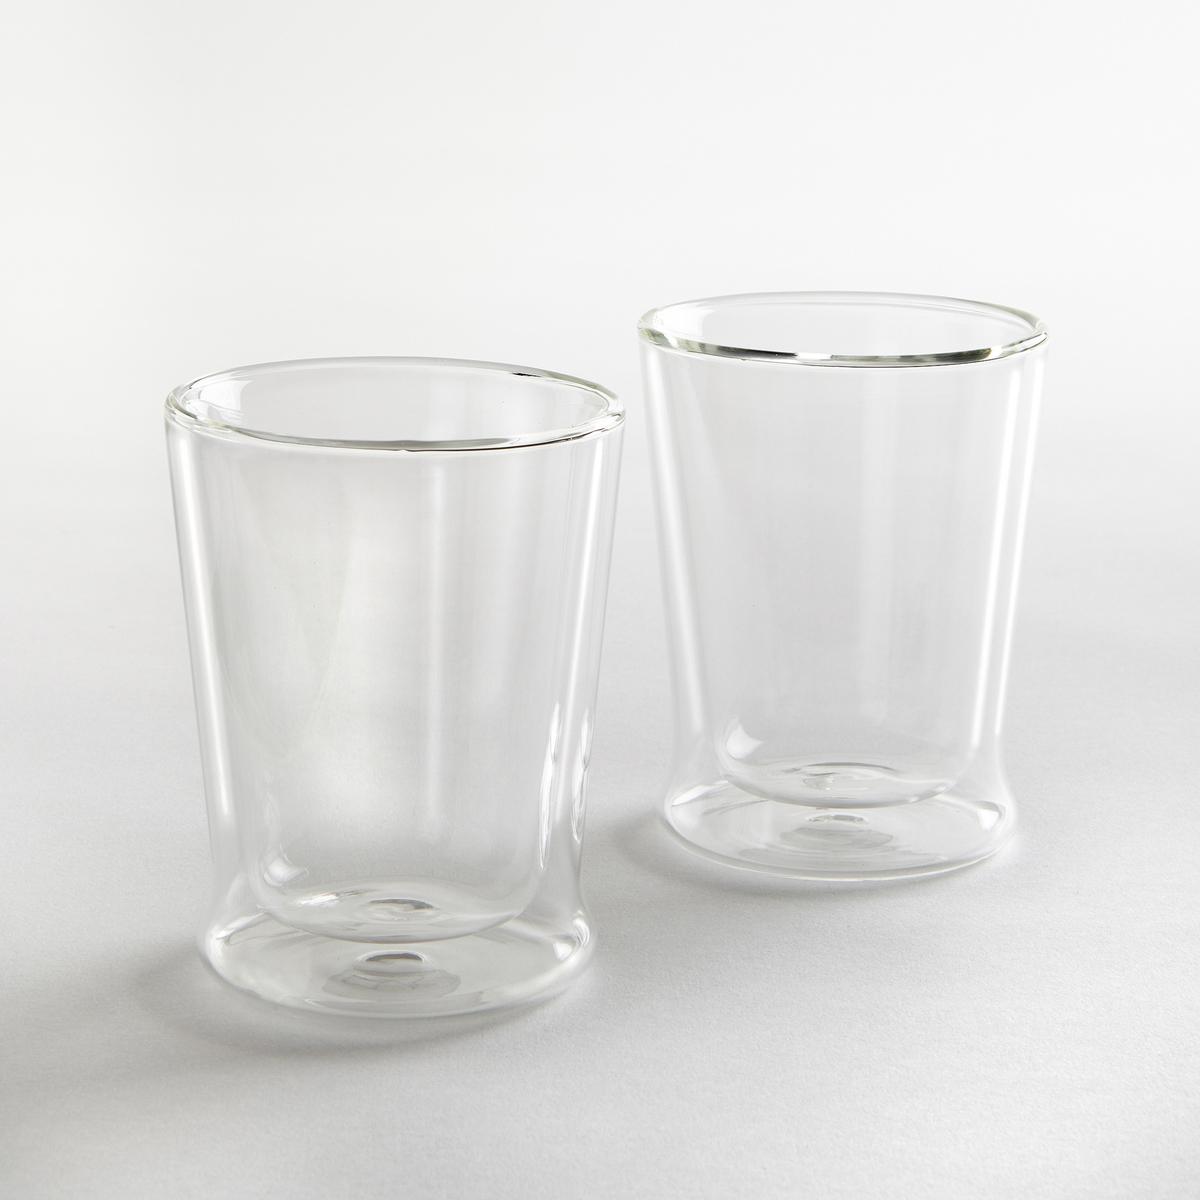 Комплект из 2 стеклянных чашек с двойными стенкамиКомплект из 2 стеклянных чашек с двойными стенками La redoute Int?rieurs. Простая и безукоризненная форма, современный дизайн.Характеристики 2 чашек:- Чашки из прозрачного стекла с двойными стенками.- Диаметр: 8,5 см. - Высота: 10,5 cм. - Подходят для мытья в посудомоечной машине и для использования в микроволновой печи.- В комплекте 2 чашки.<br><br>Цвет: прозрачный